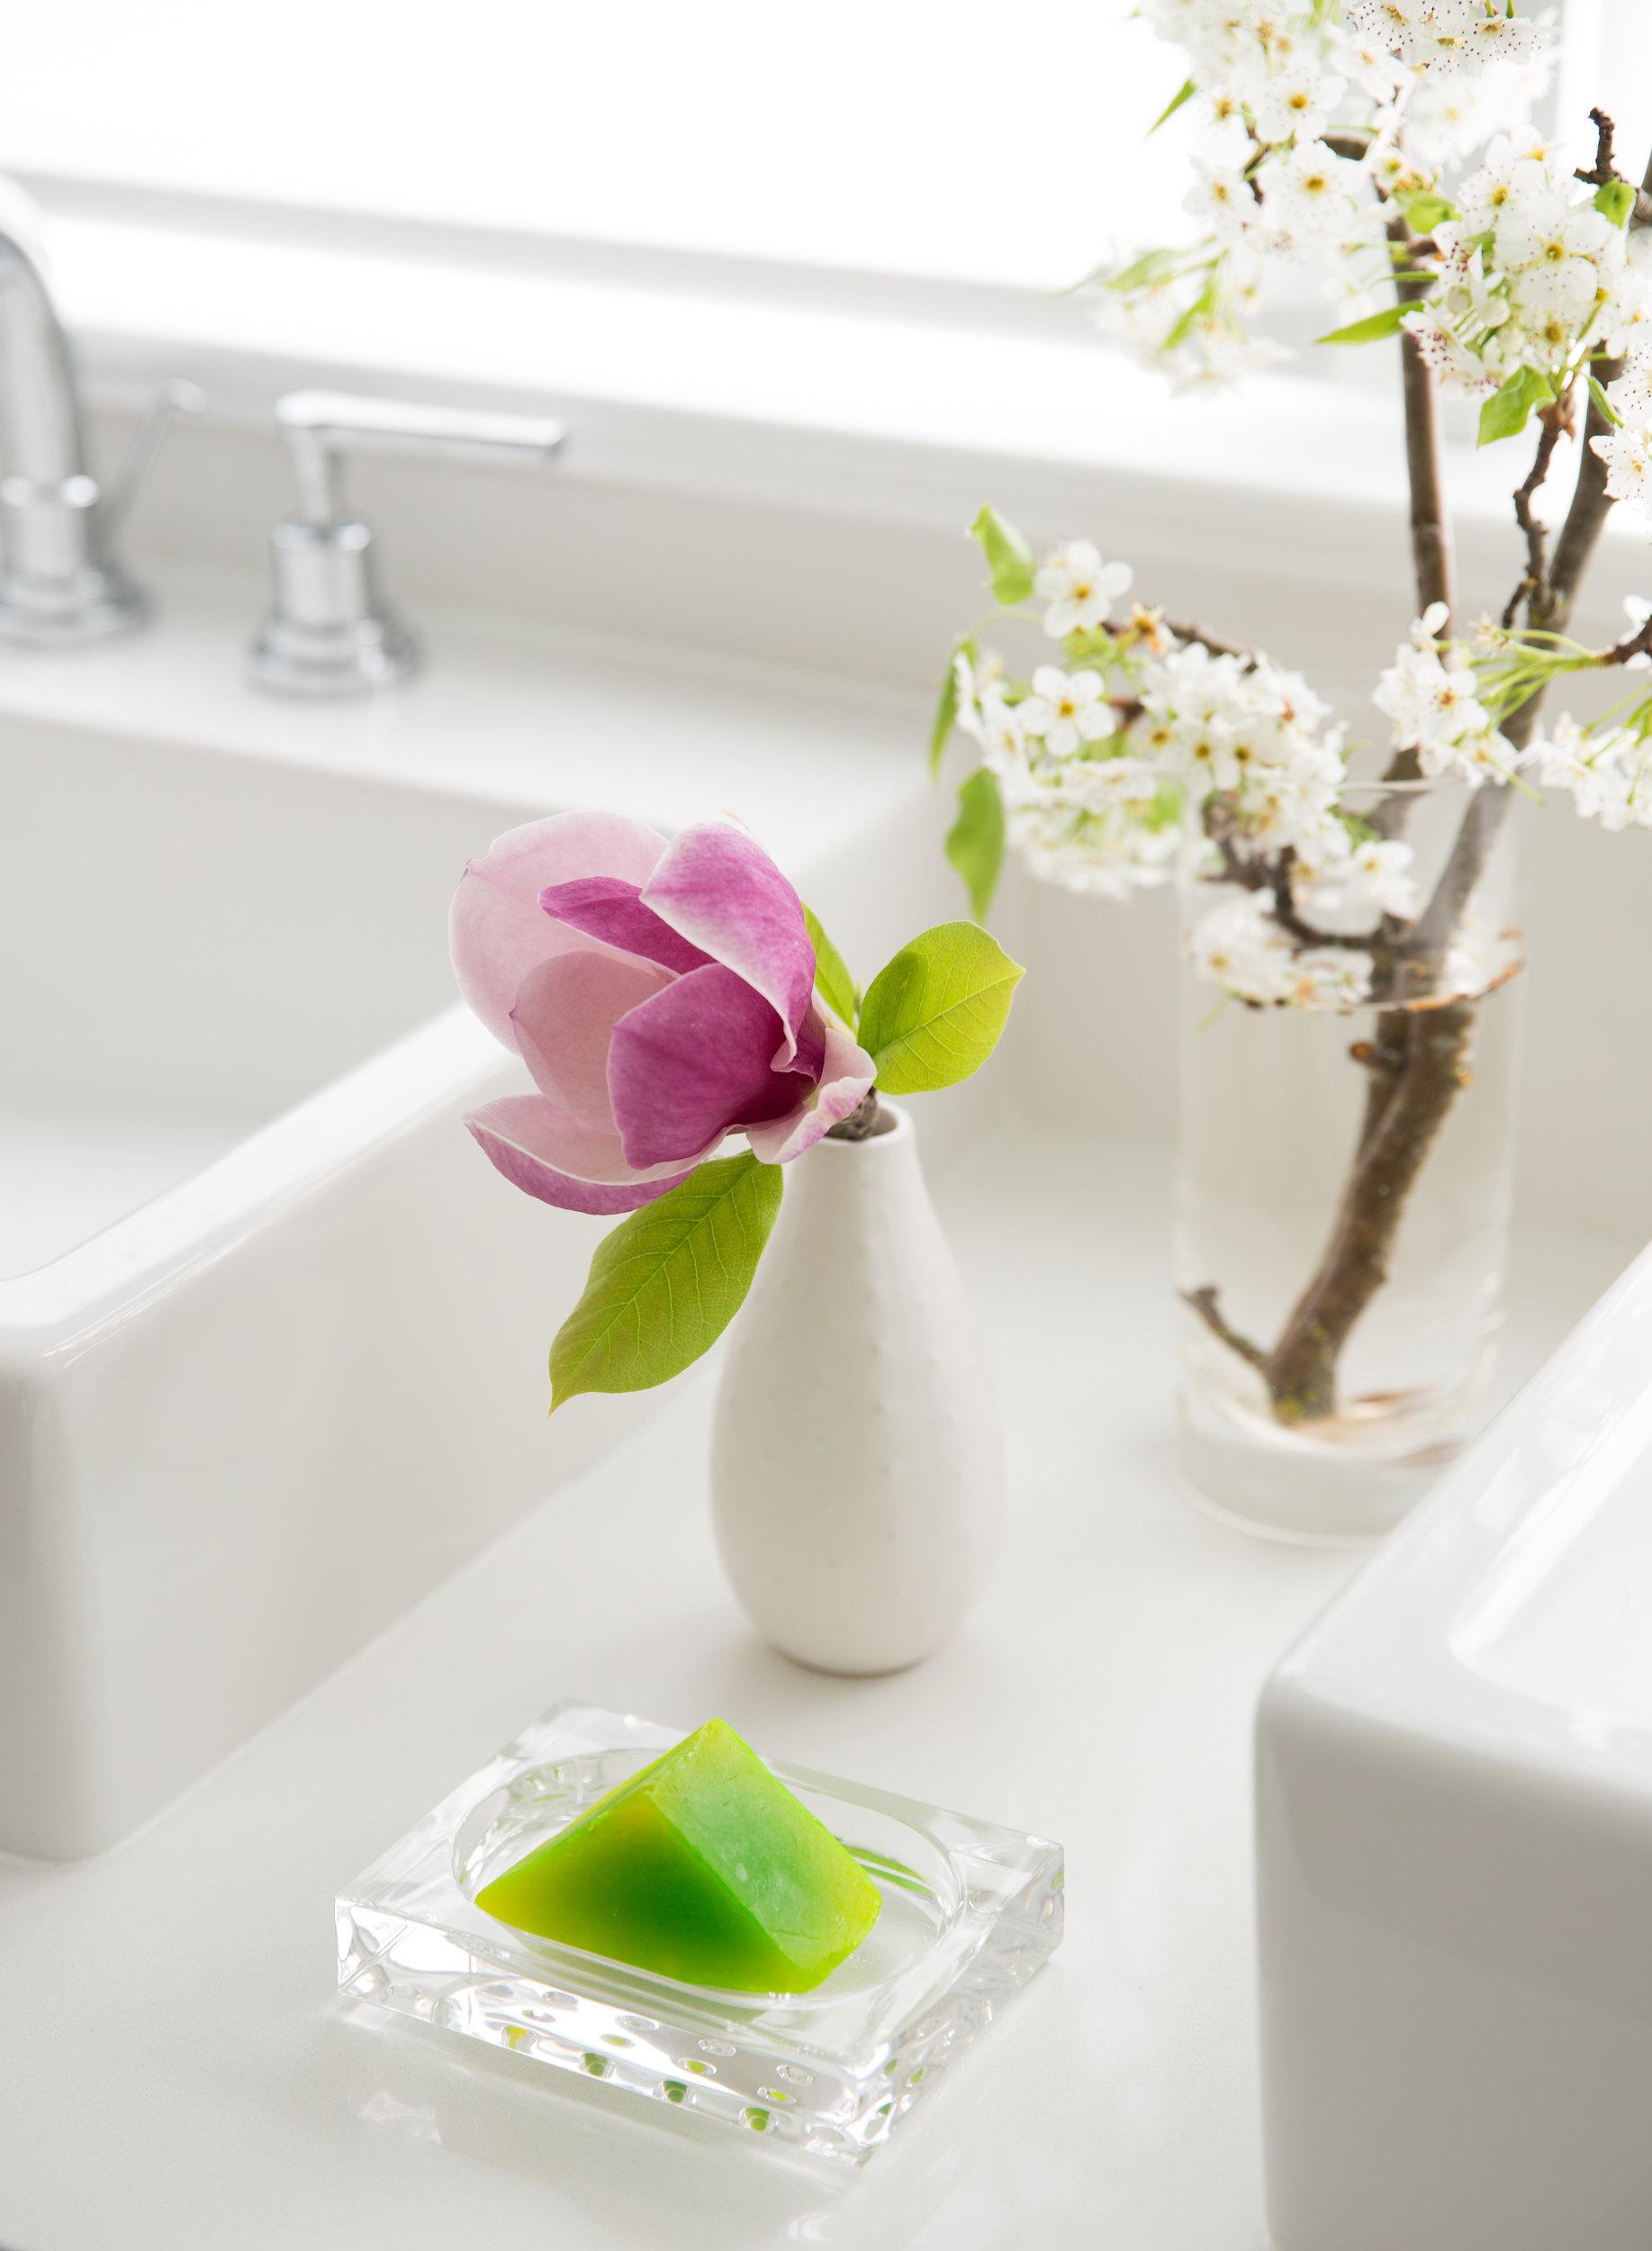 lush soap styling bathroom